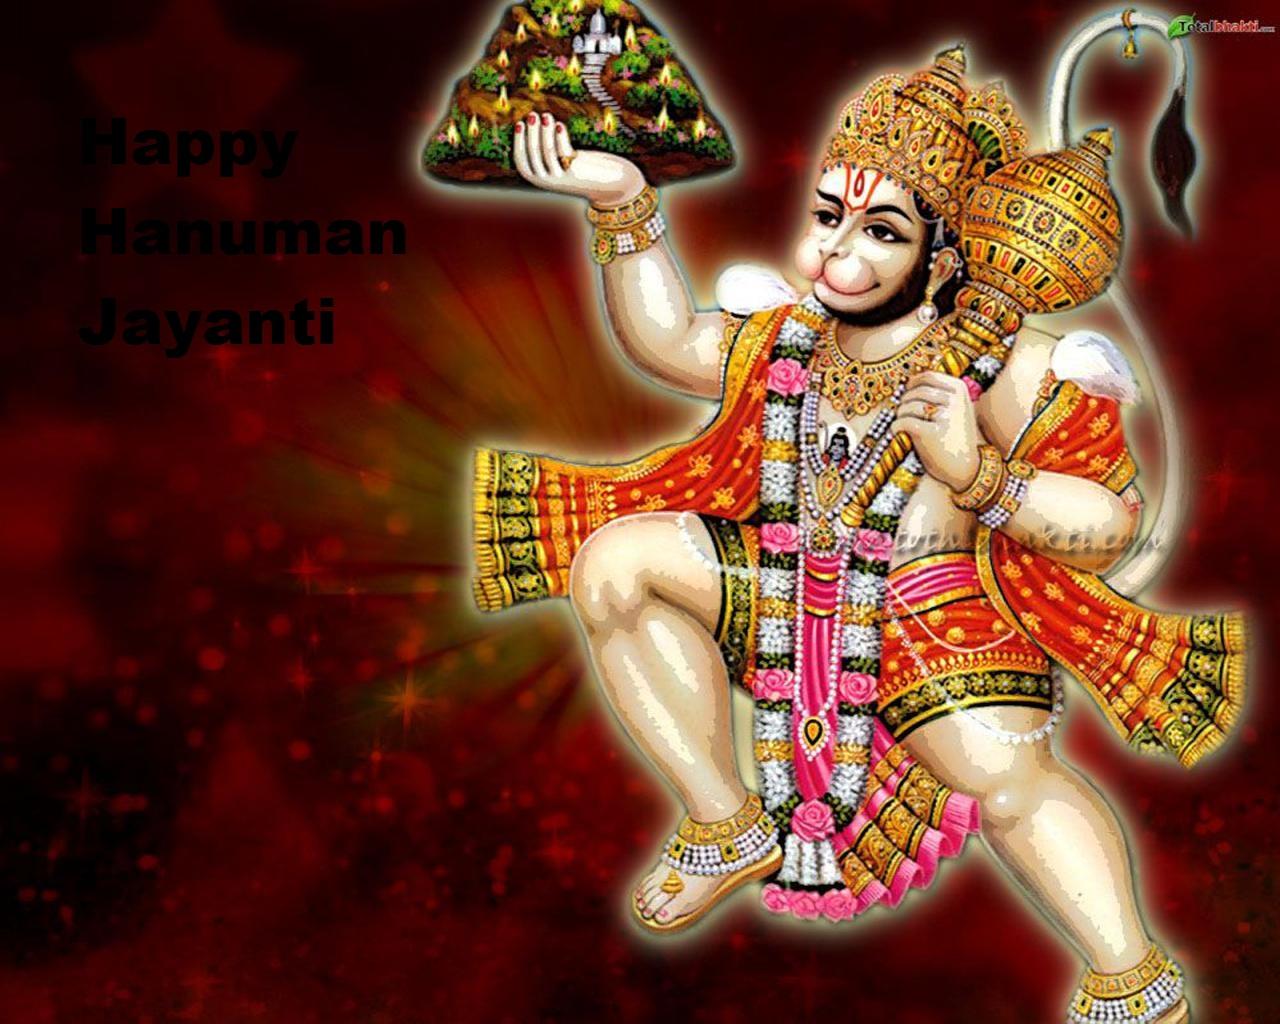 Hd wallpaper of hanuman - Hanuman Ji Hd Wallpaper 3d